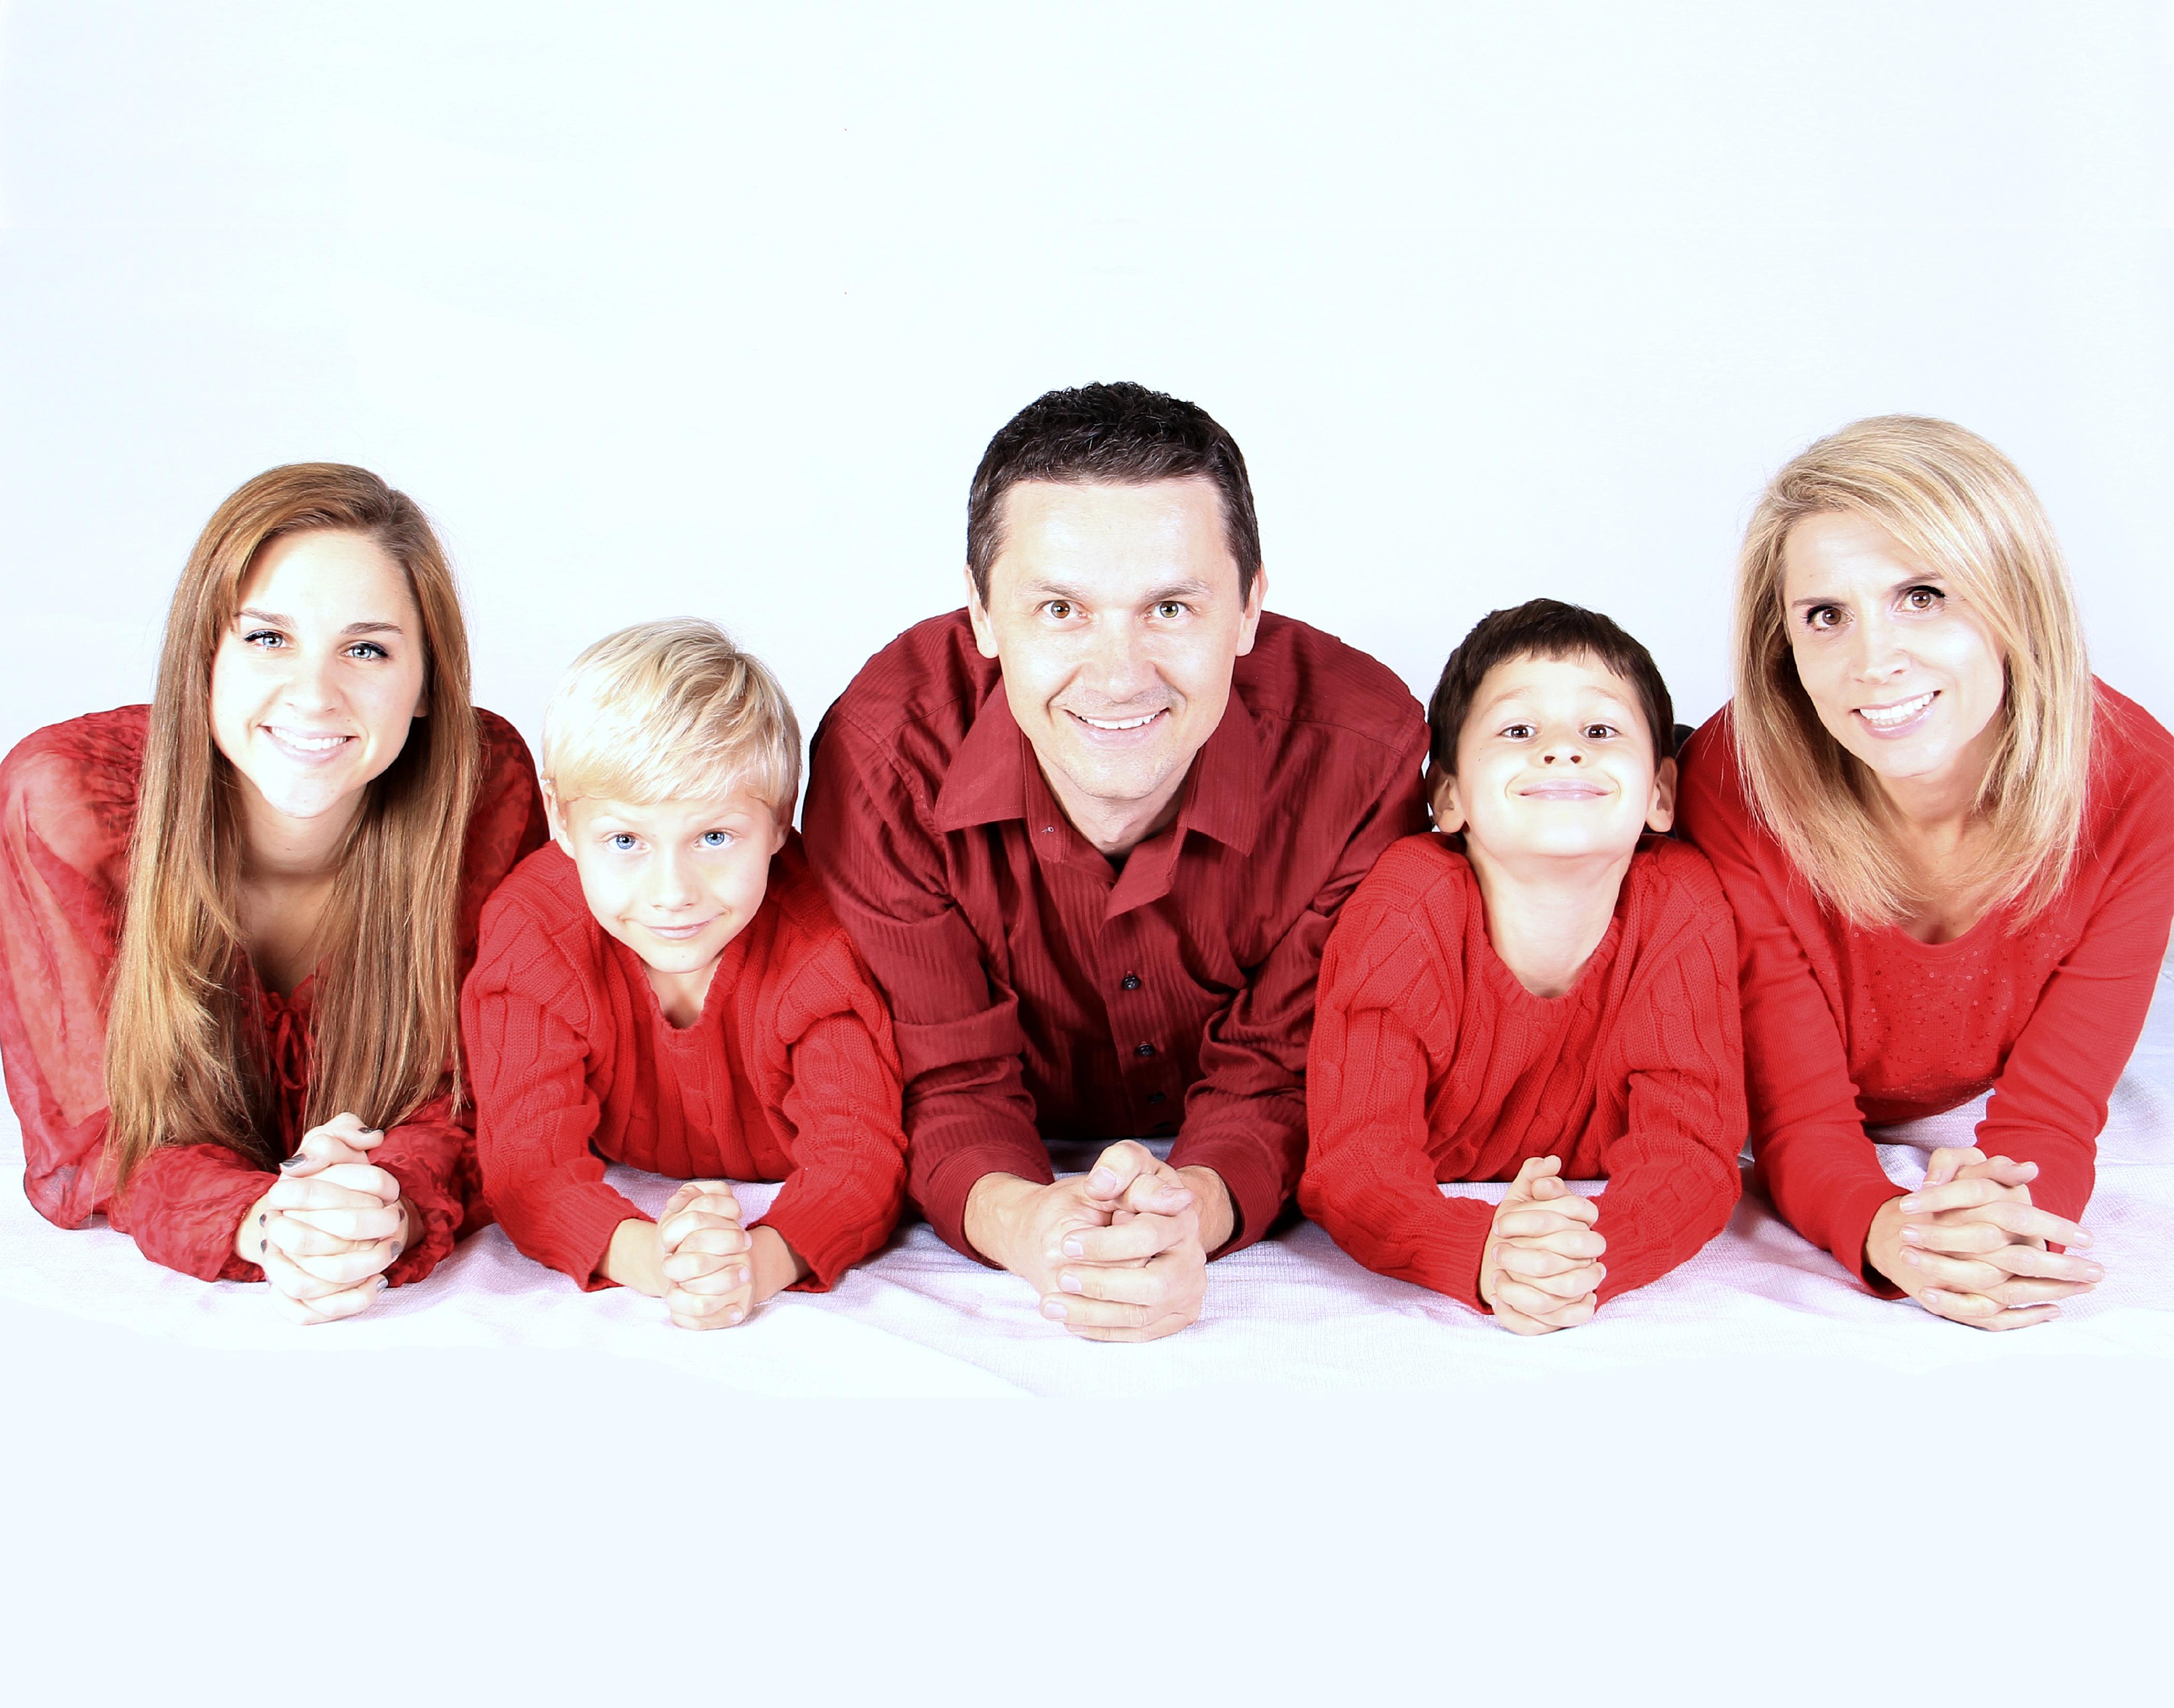 บัญชีเงินฝากคล่องตัว ครอบครัวอุ่นใจ-เงินฝากกสิกรไทย-imoney